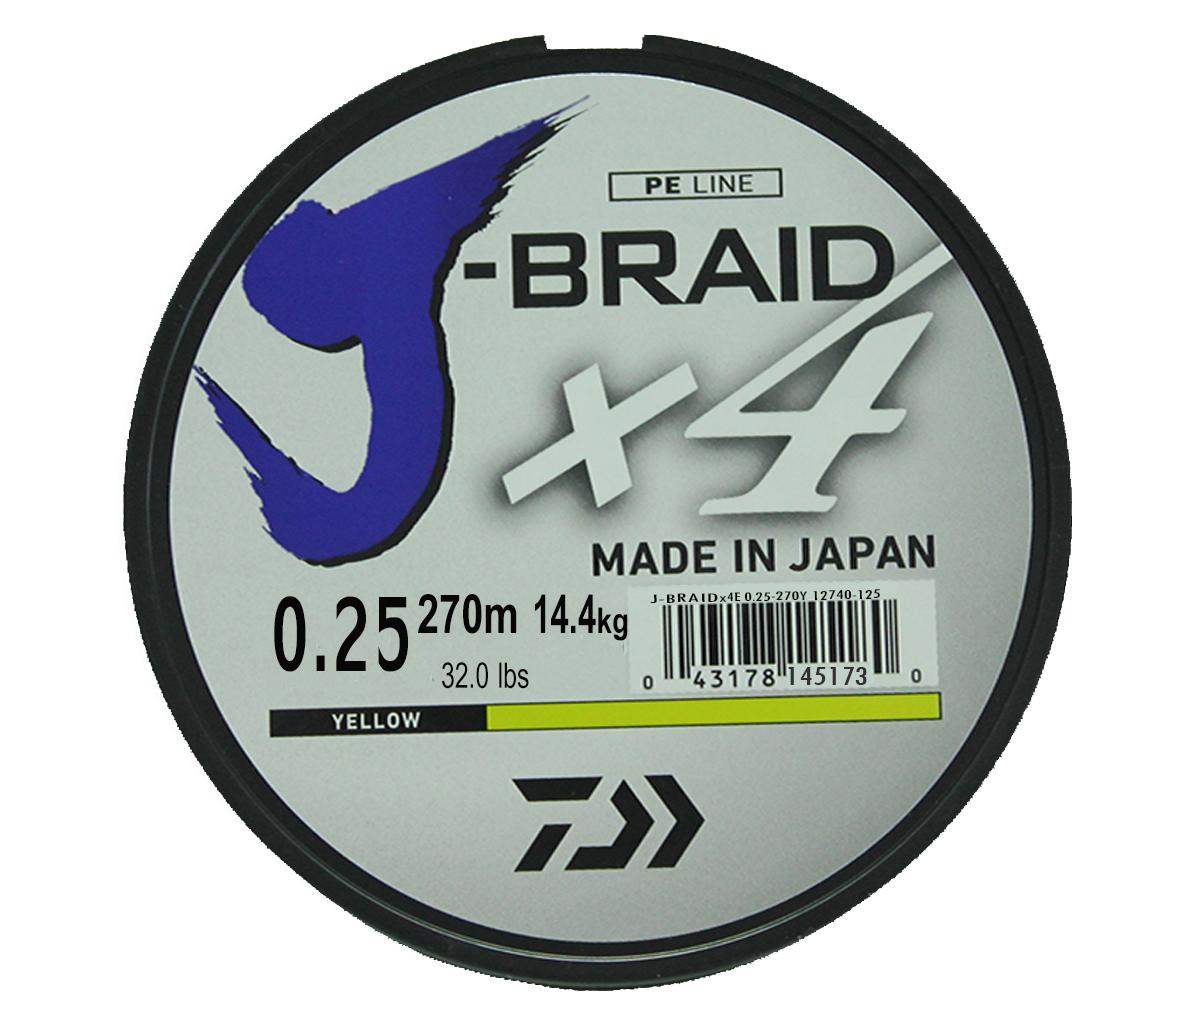 Леска плетеная Daiwa J-Braid X4, цвет: флуоресцентный желтый, 270 м, 0,25 мм леска плетеная daiwa regal sensor цвет желтый 0 42 мм 150 м